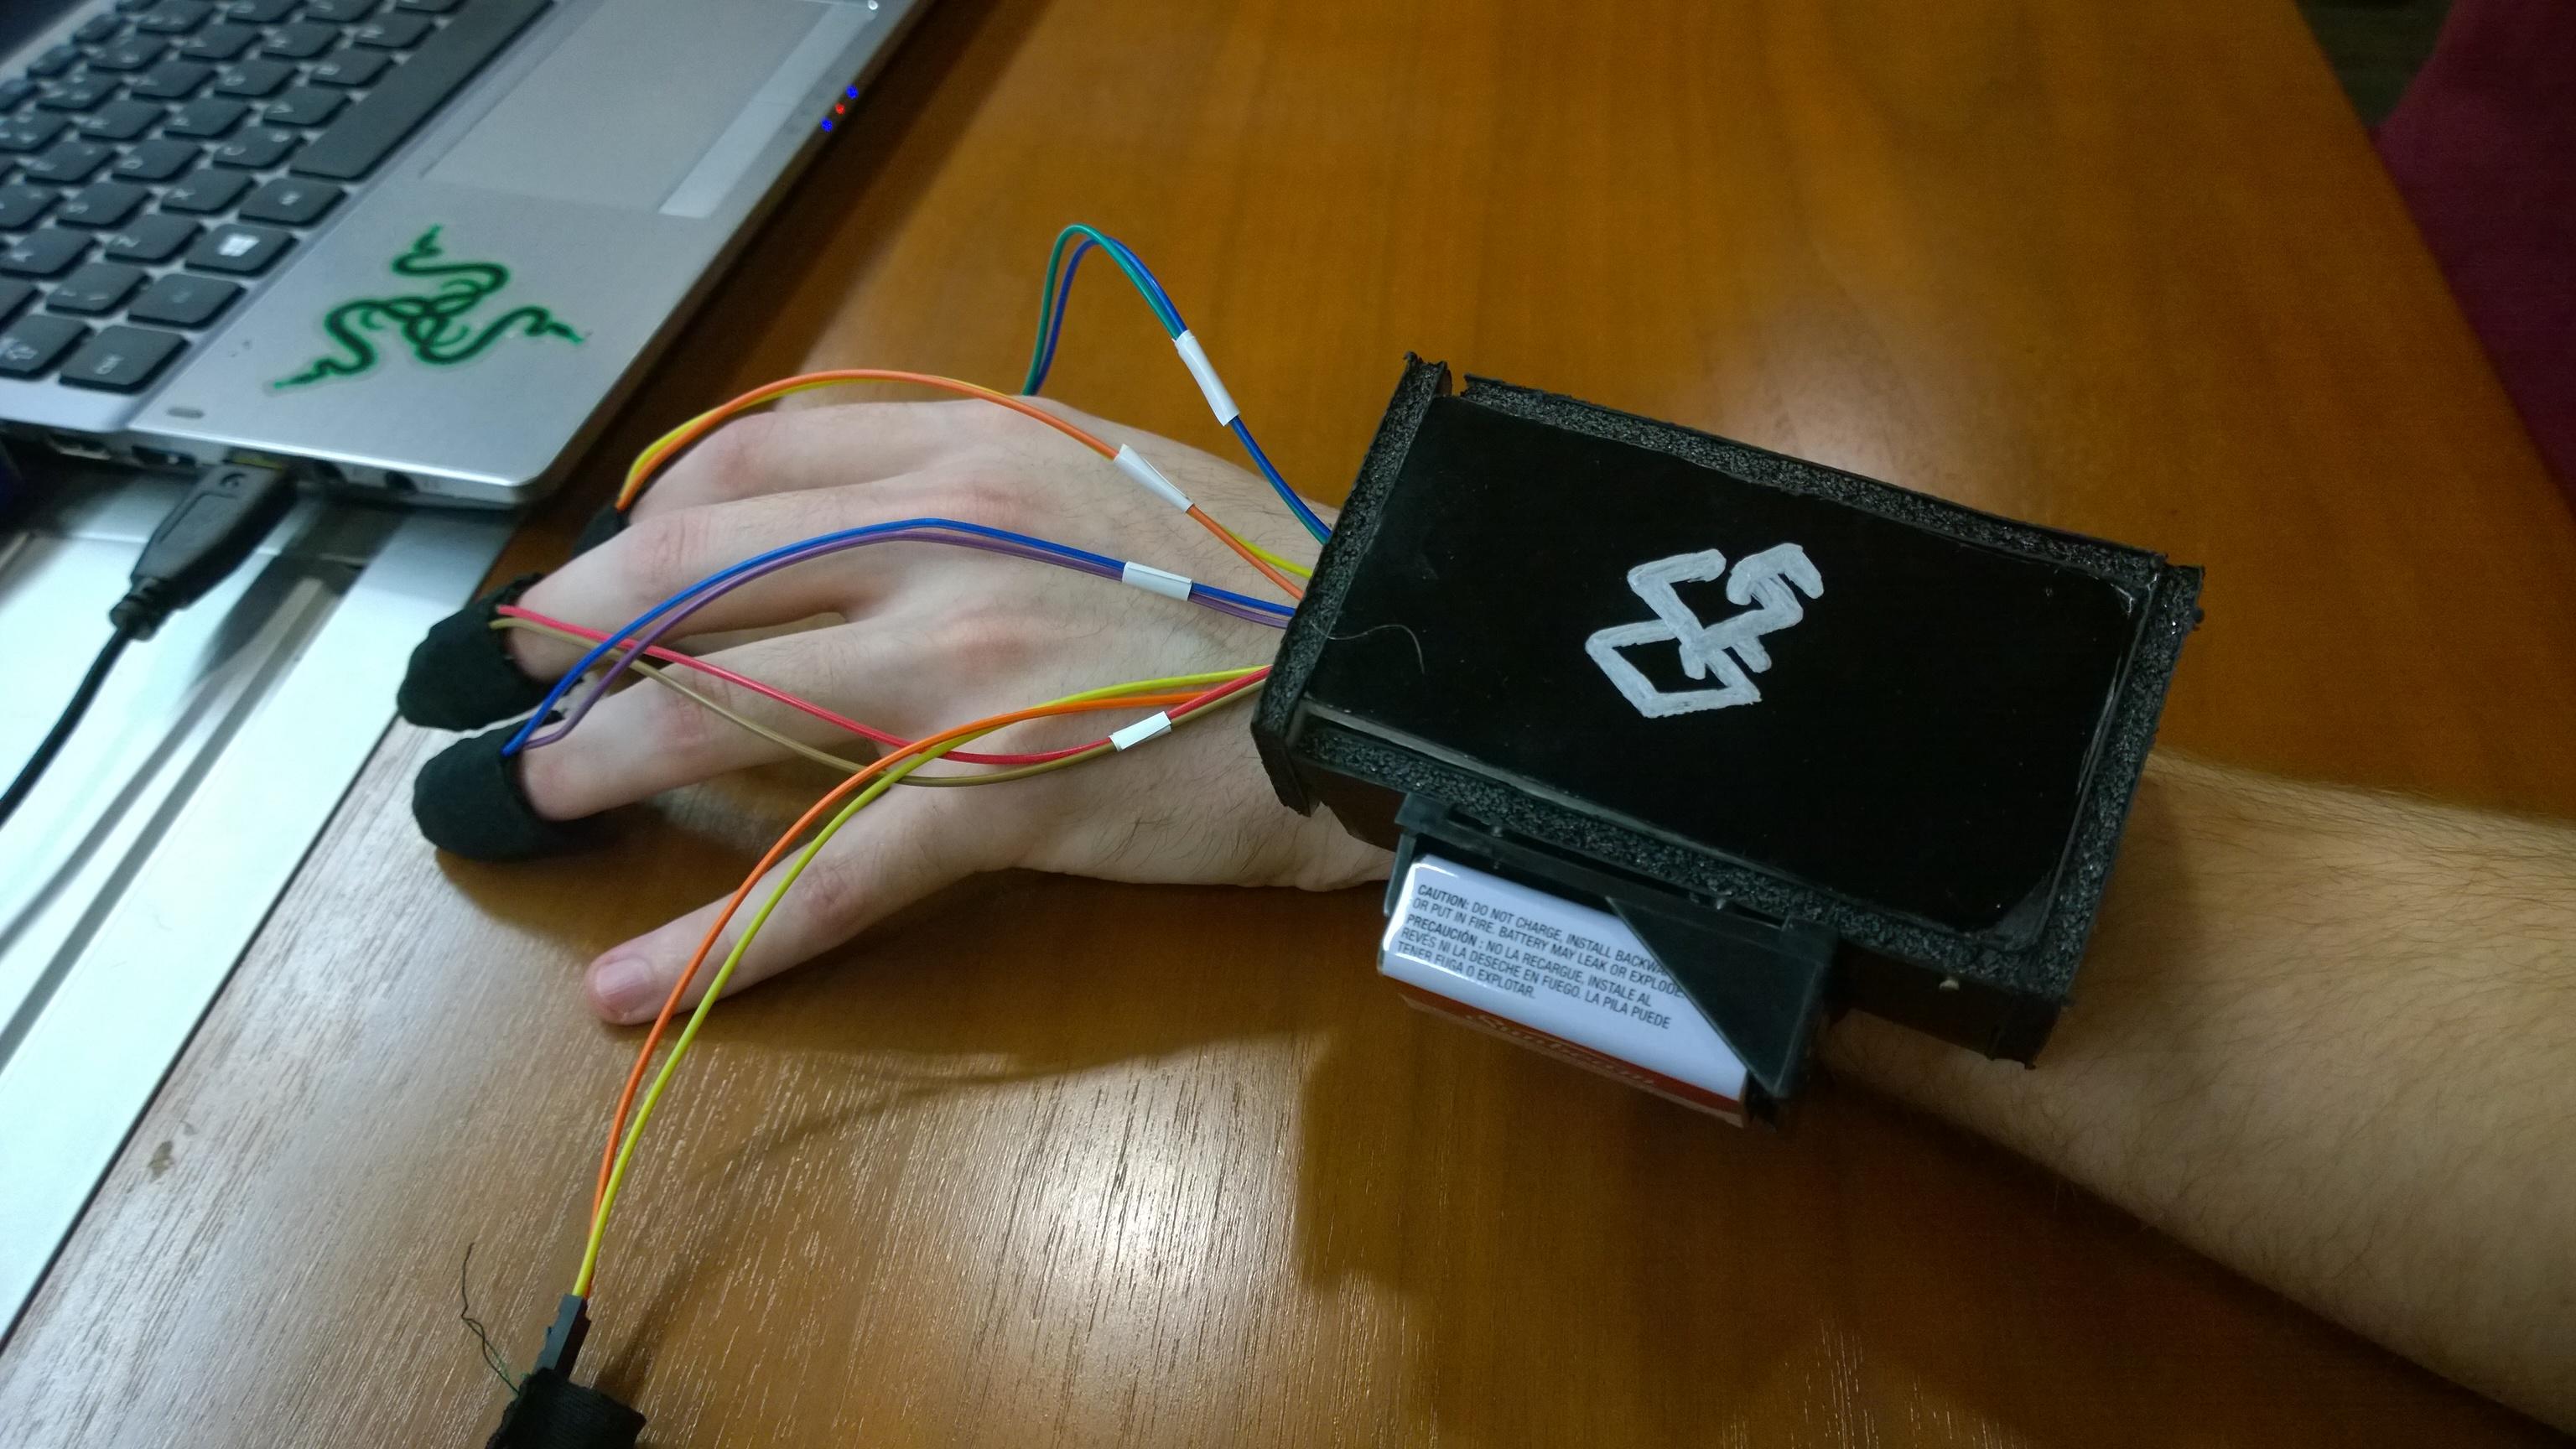 Fingerless gloves for gaming -  Gloves For Gaming Gloves